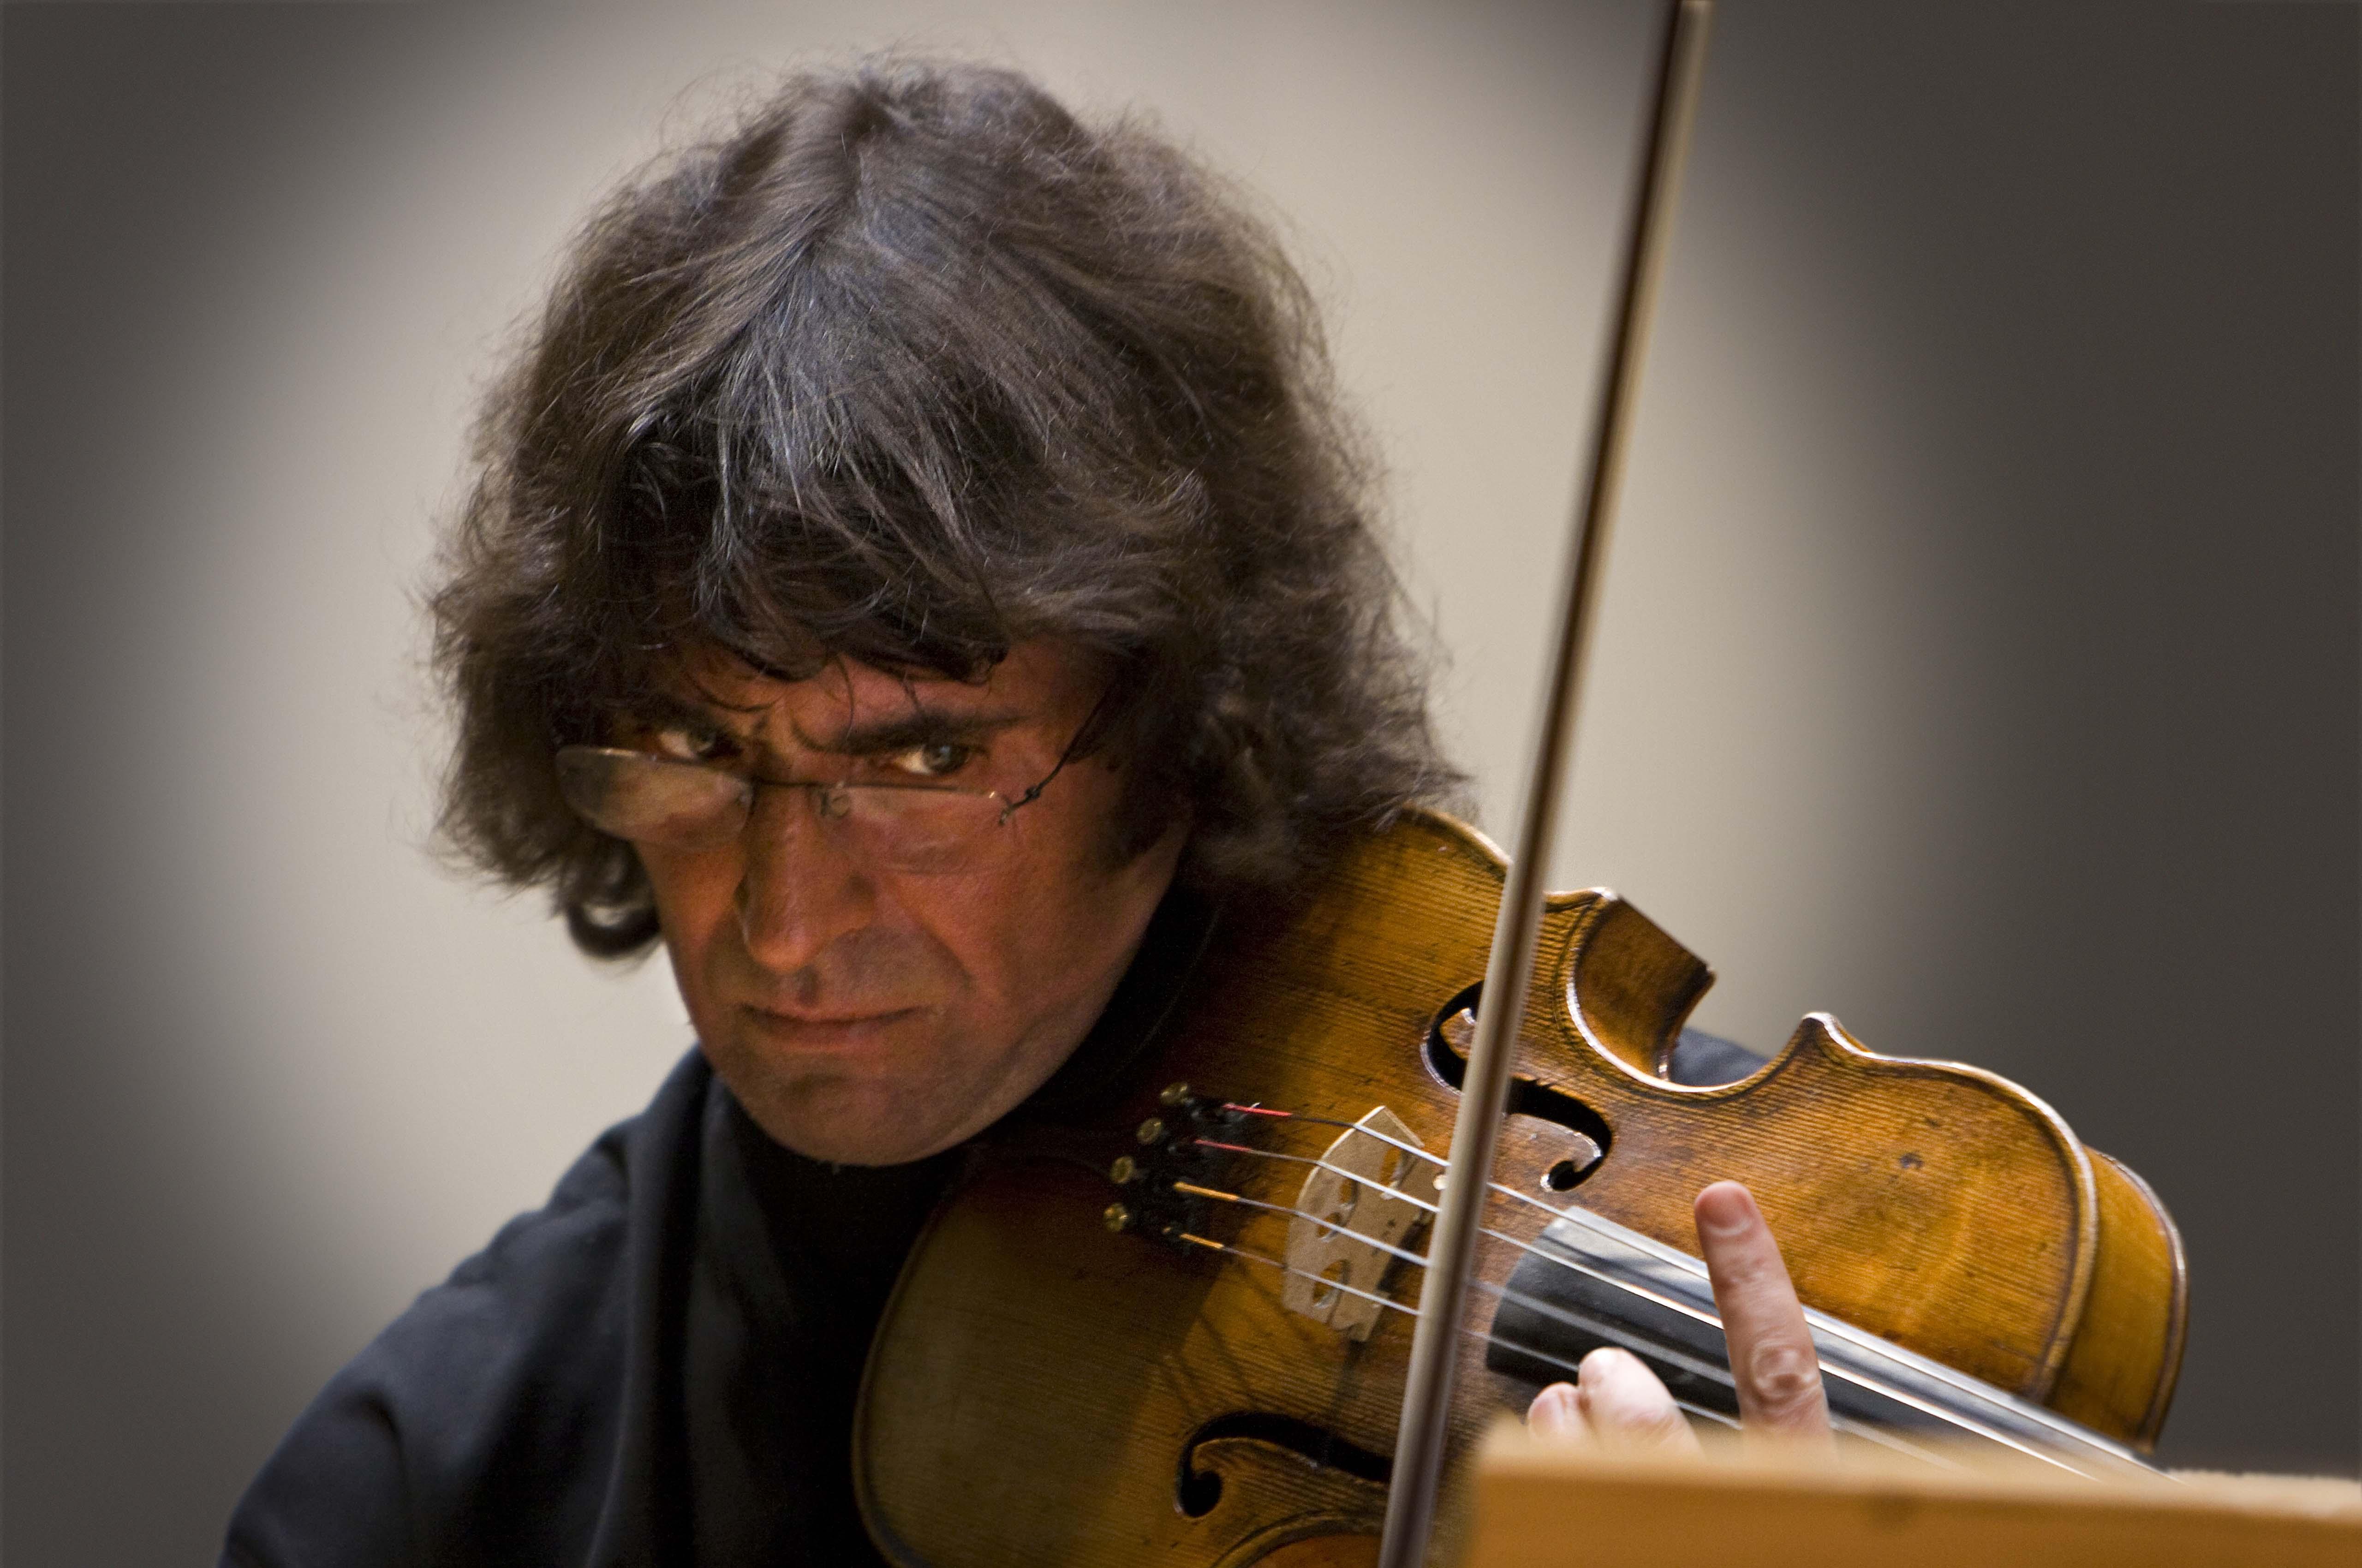 Послевкусие от концерта Юрия Башмета